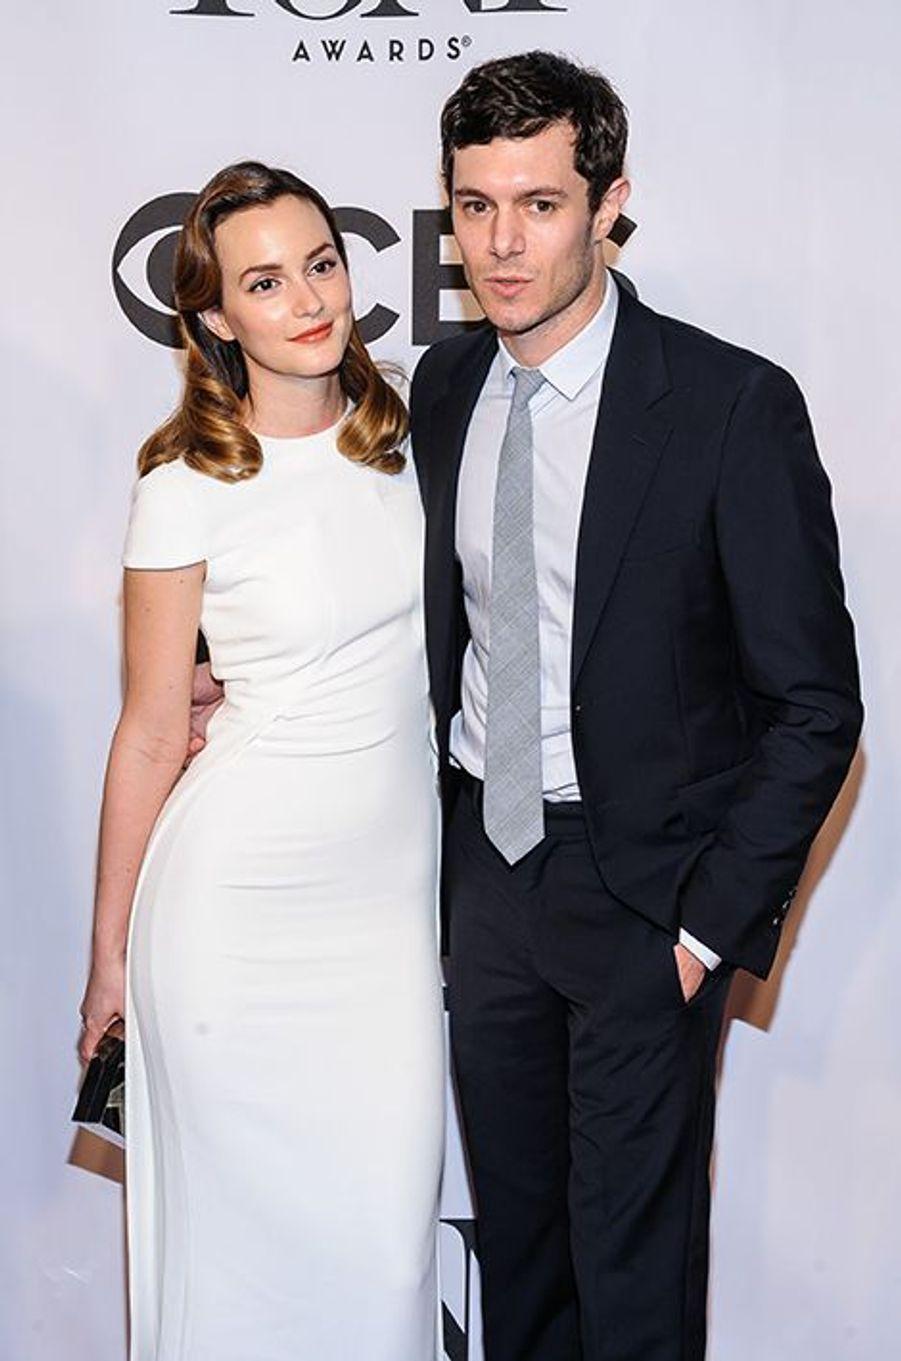 """Depuis 2012, la star de """"Gossip Girl"""" file le parfait amour avec l'acteur Adam Brody. Fiancé en novembre 2013, le couple s'est uni en toute discrétion quelques semaines plus tard, en février."""